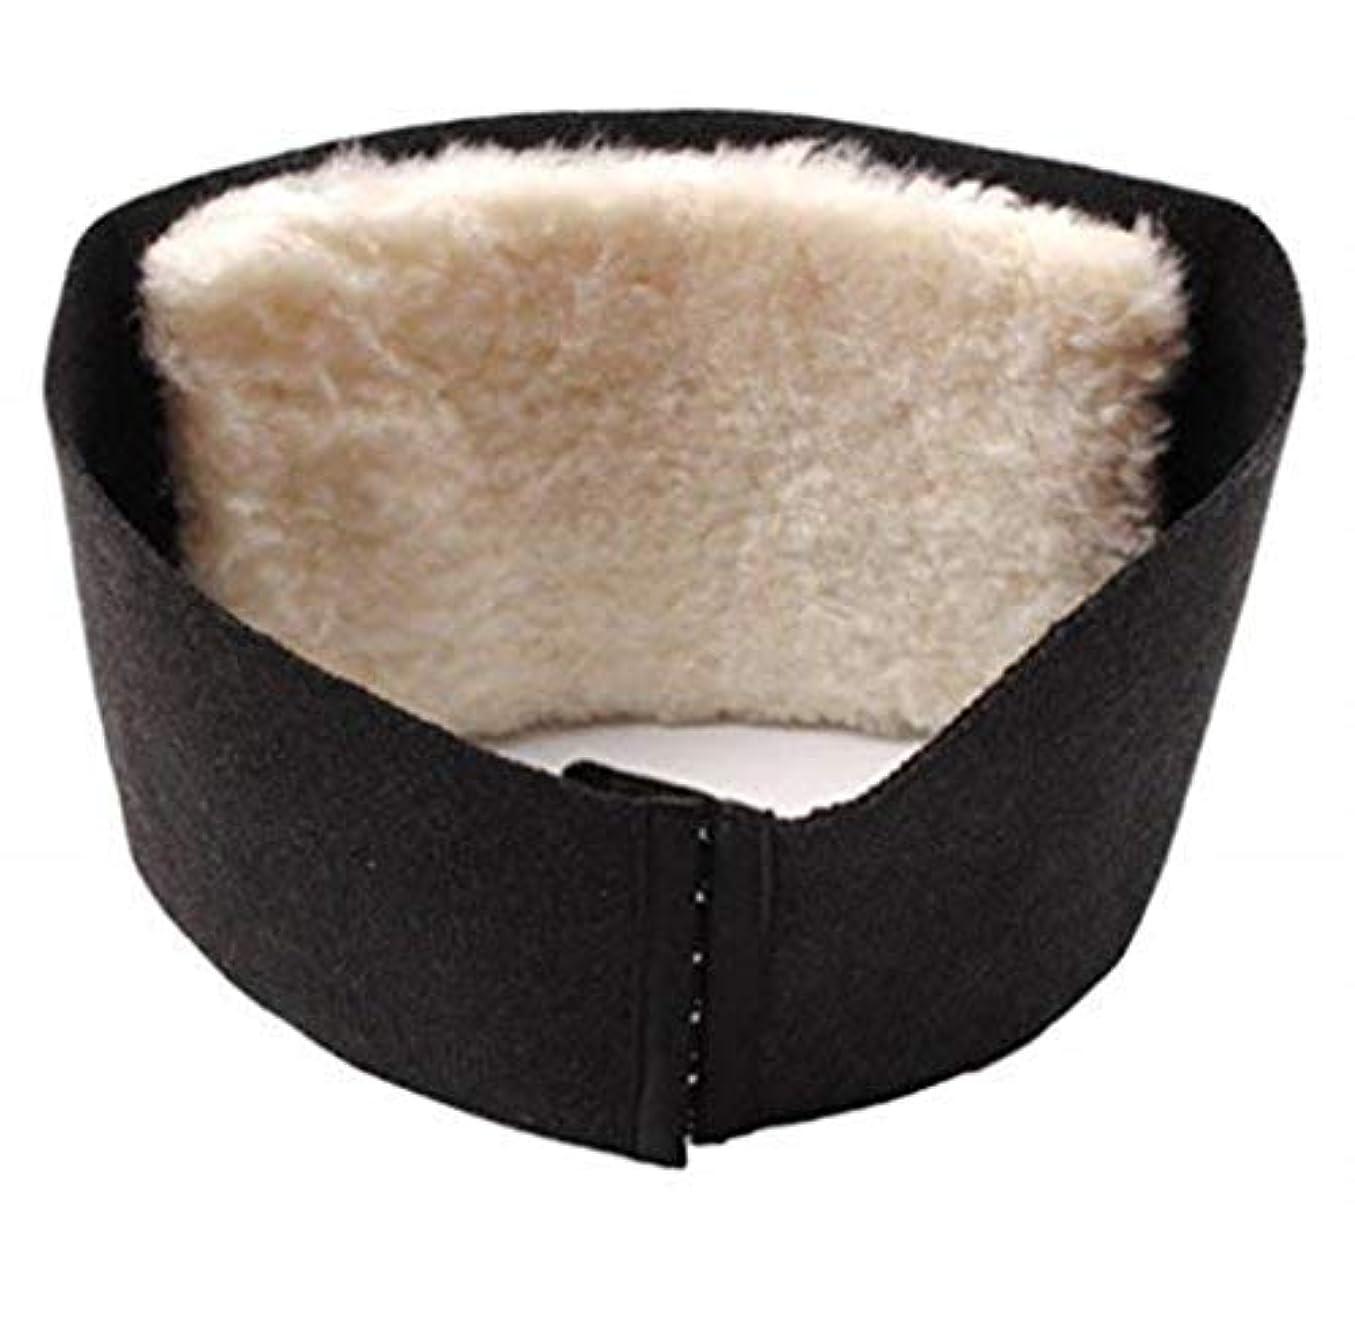 の間でスワップうつスポーツ/仕事/フィットネスに適したウエスト暖かいベルト、ウール医療ウエストサポートベルト、暖かい腰のサポート、